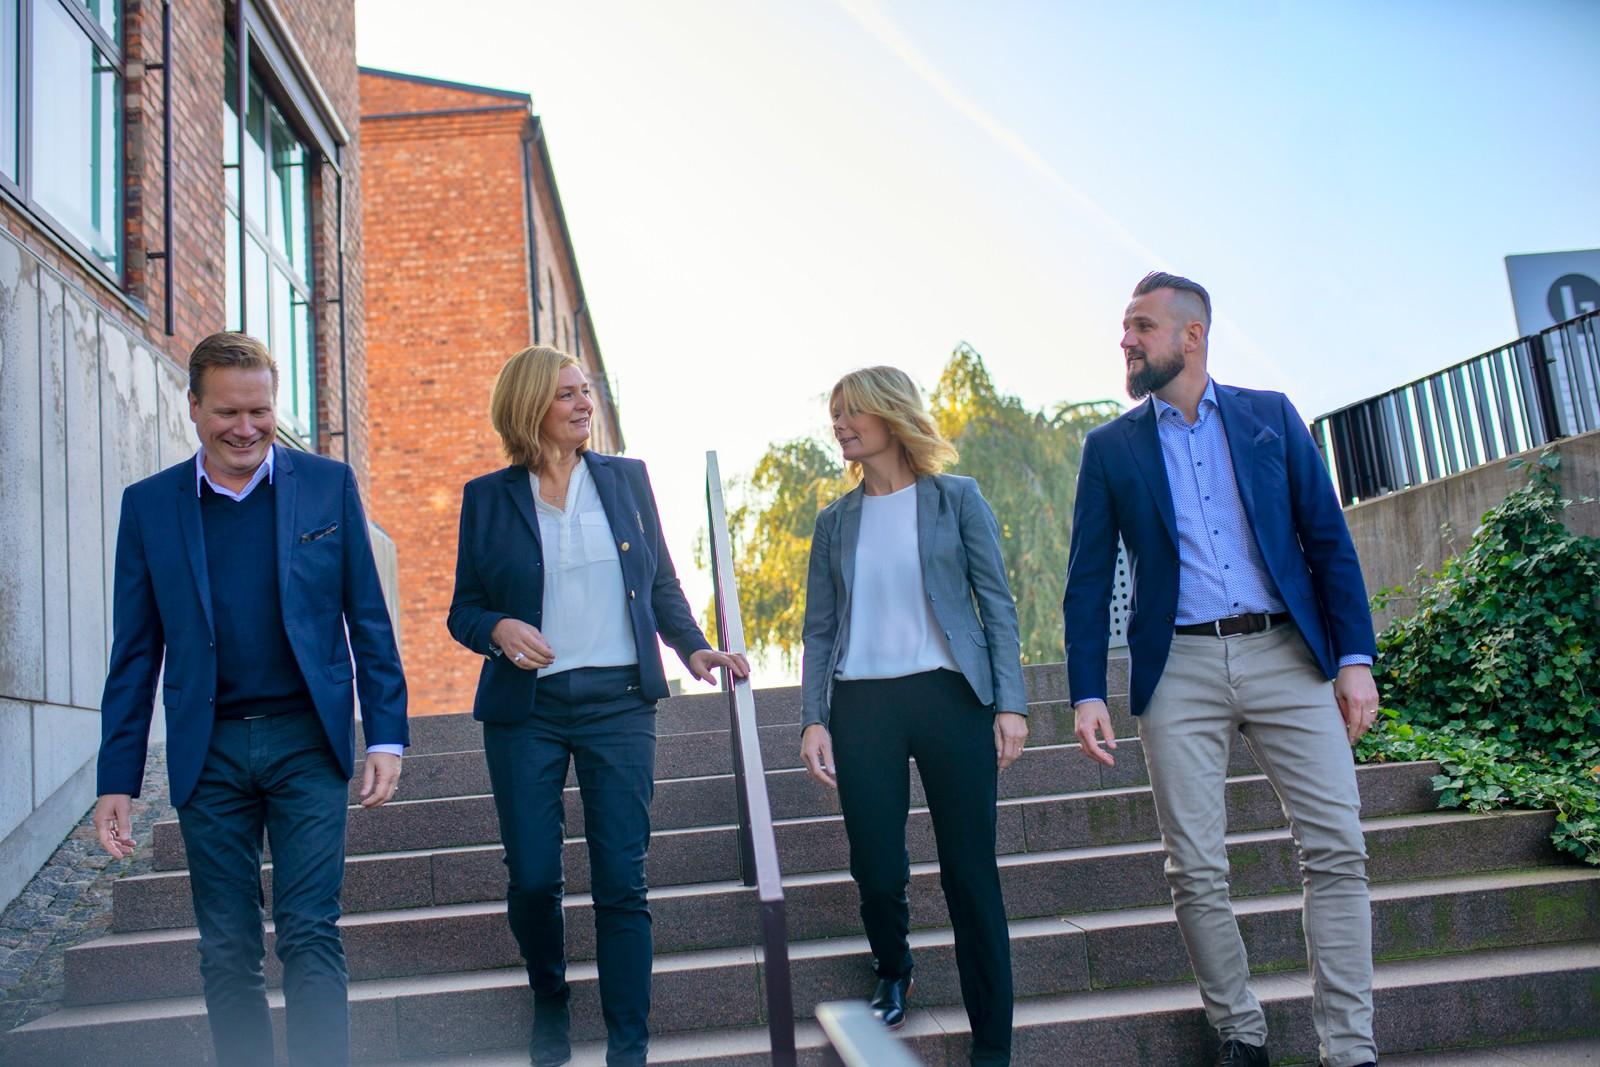 finnveden executive search